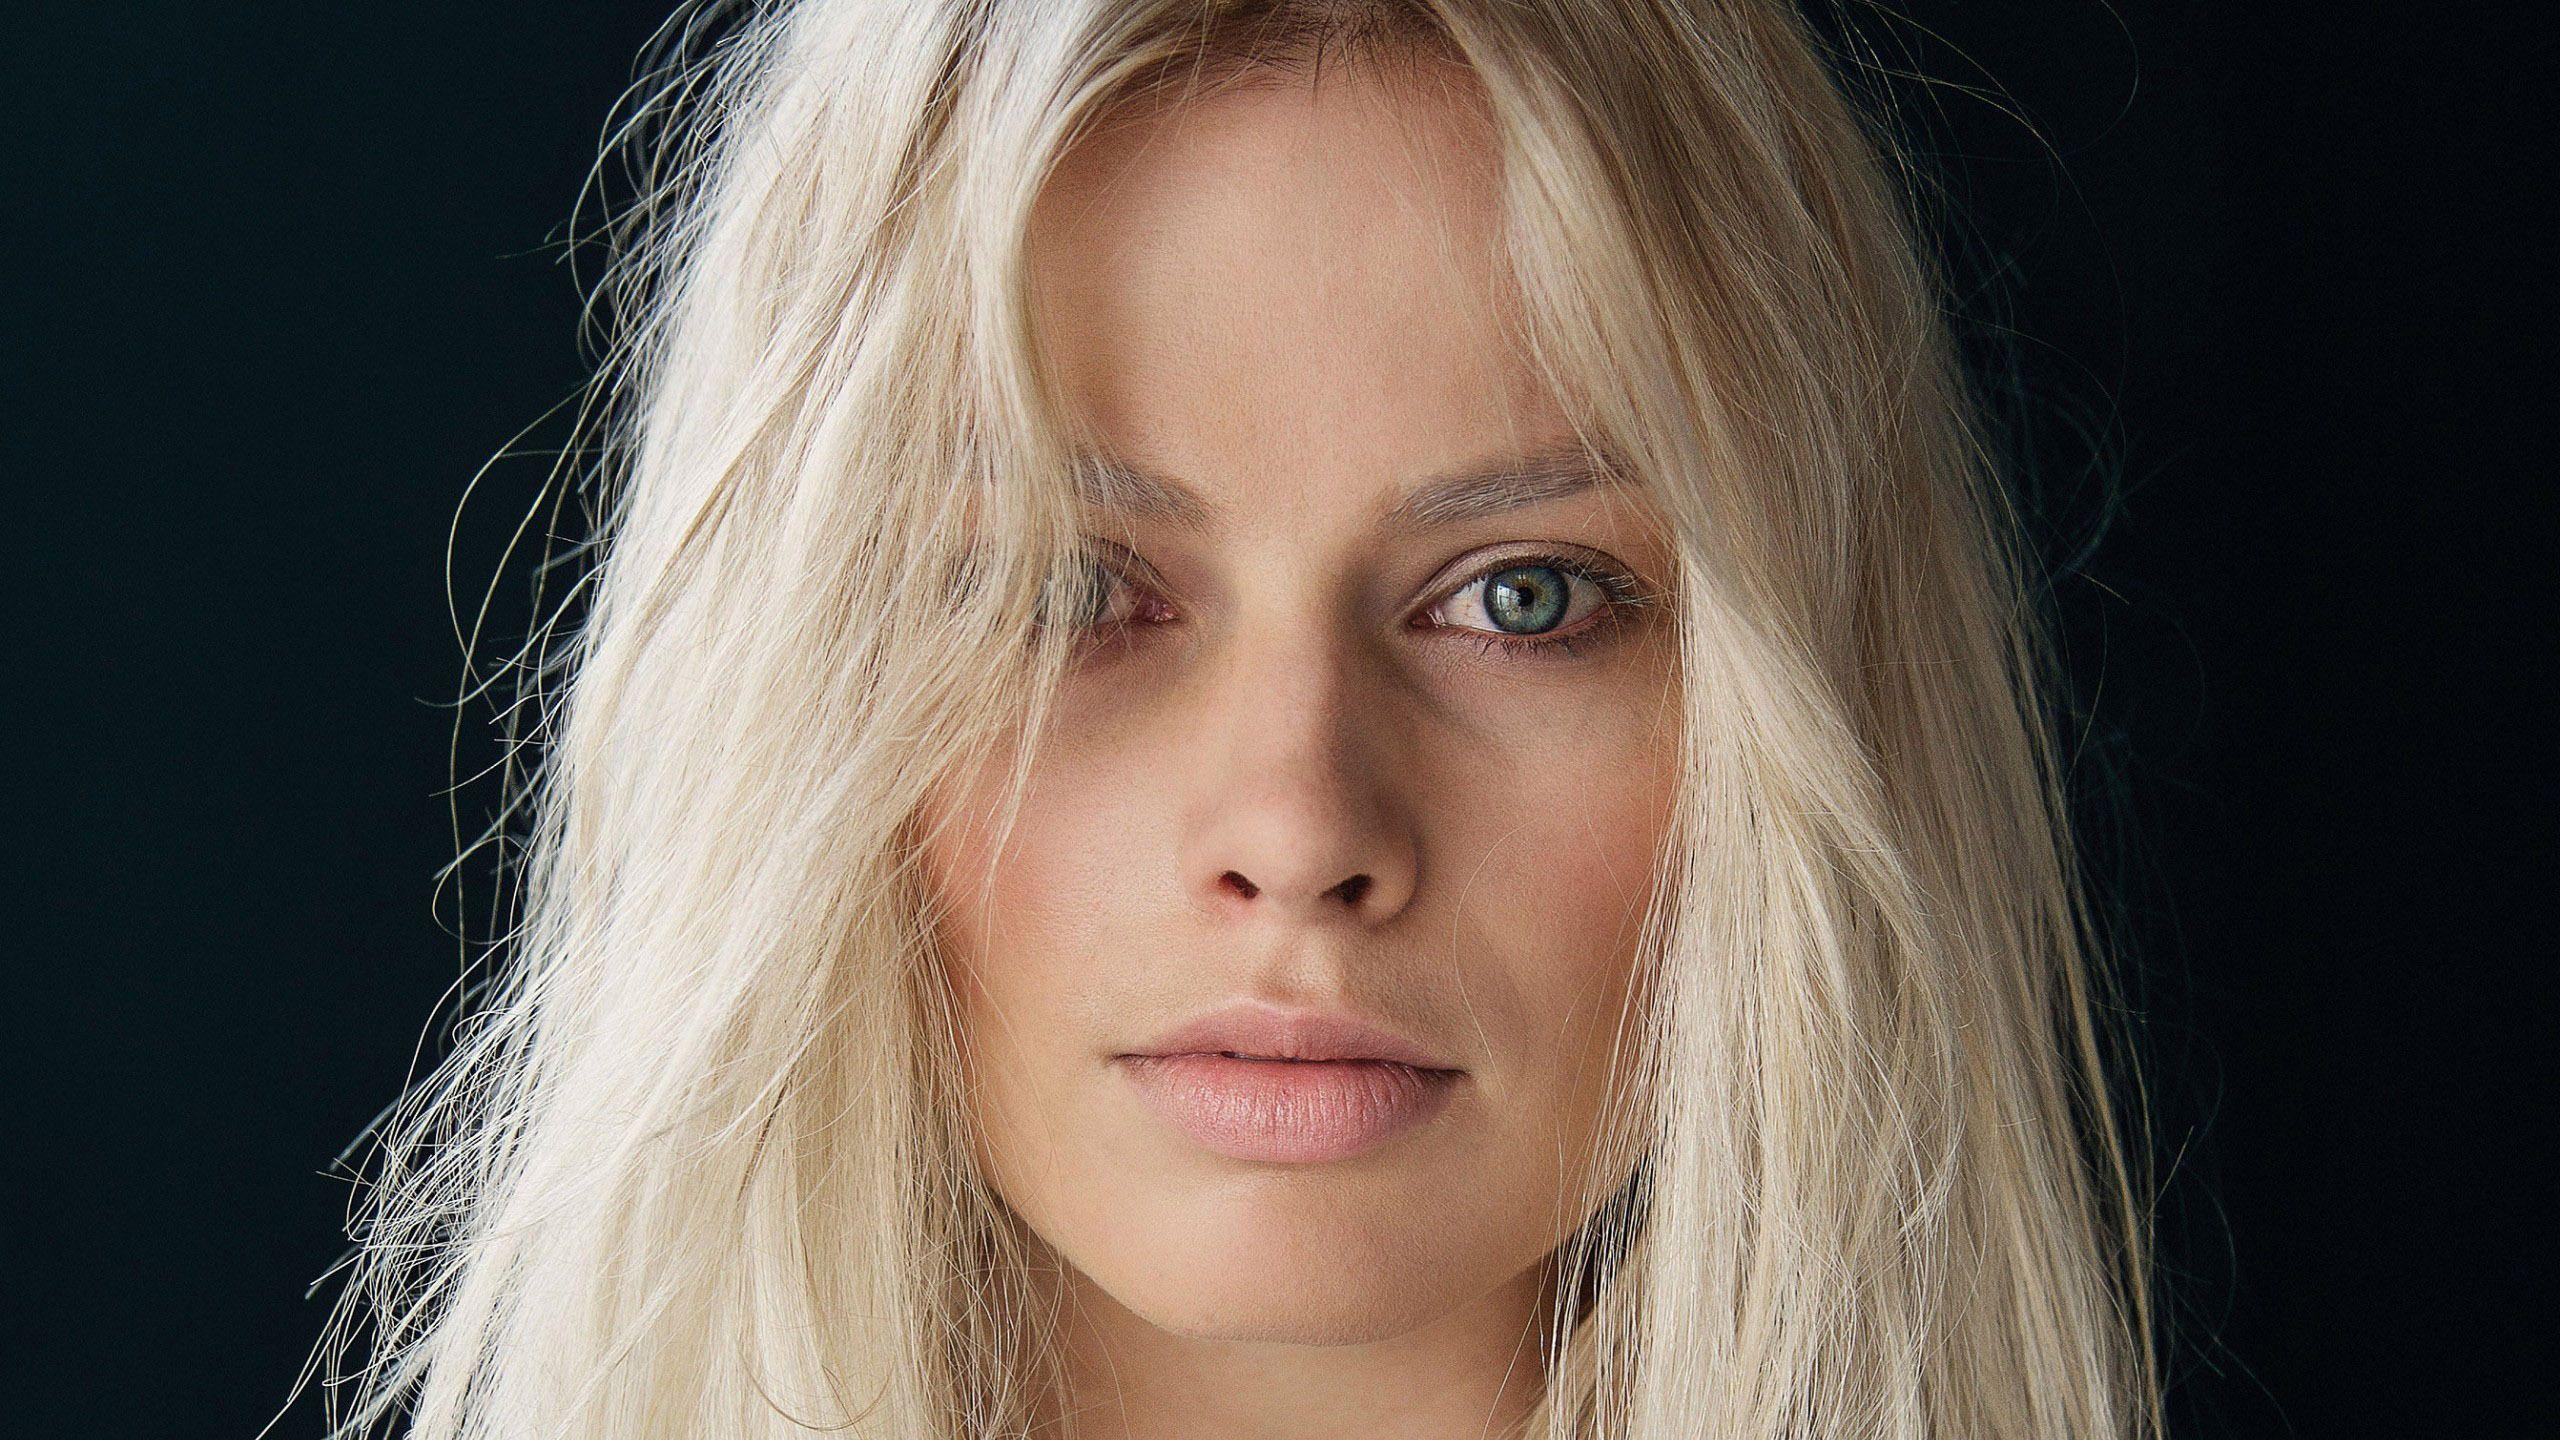 Margot Robbie Wallpaper 110430 Resolution 2560x1440 px